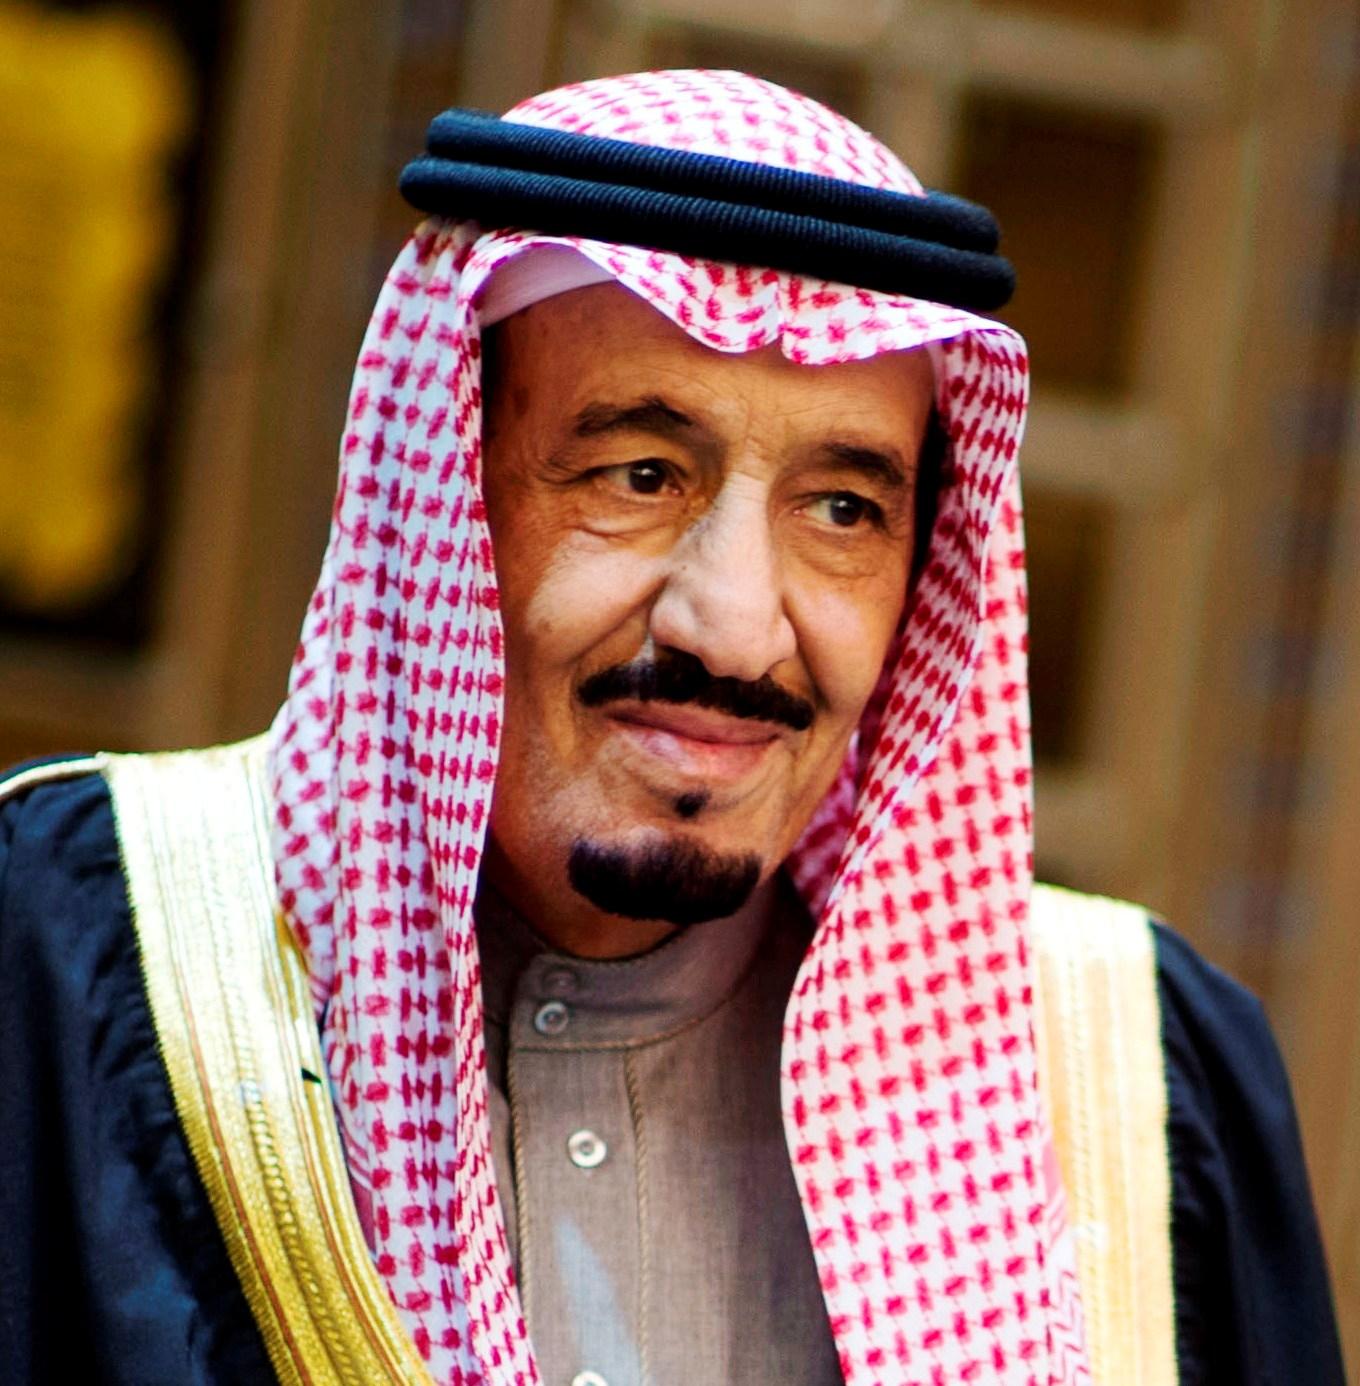 تسلیت پادشاه عربستان سعودی به رئیسجمهور